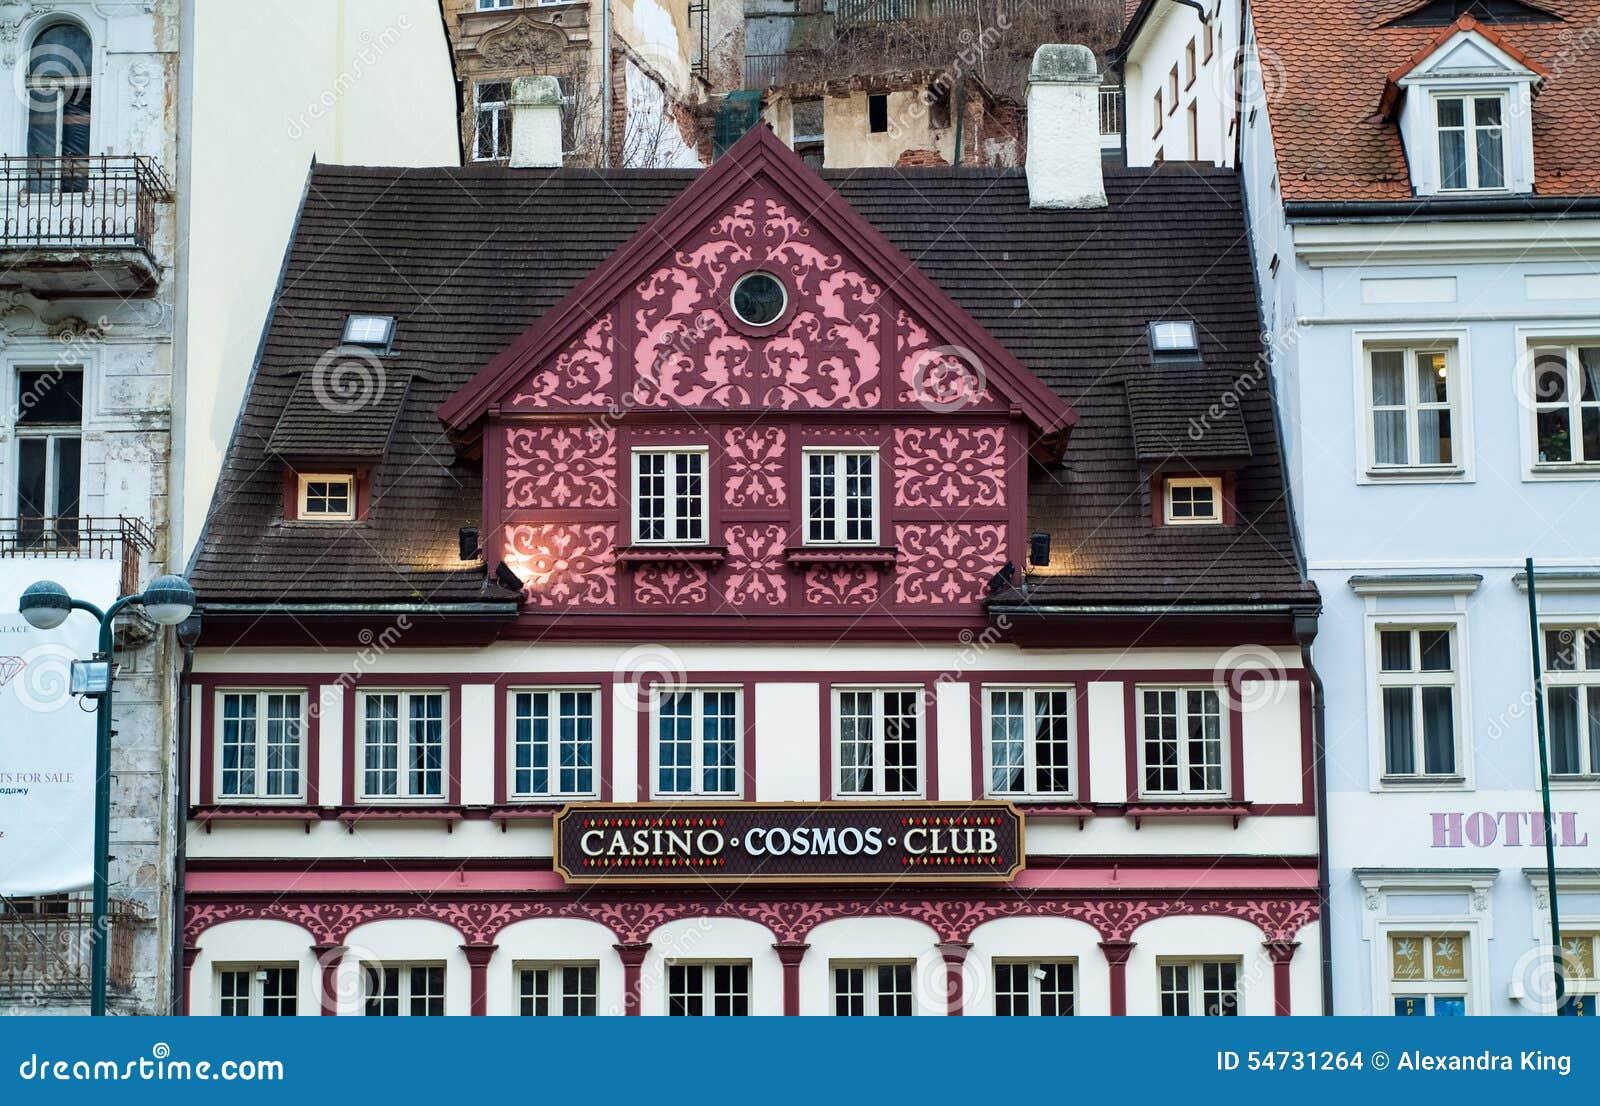 casino cosmos club karlovy vary